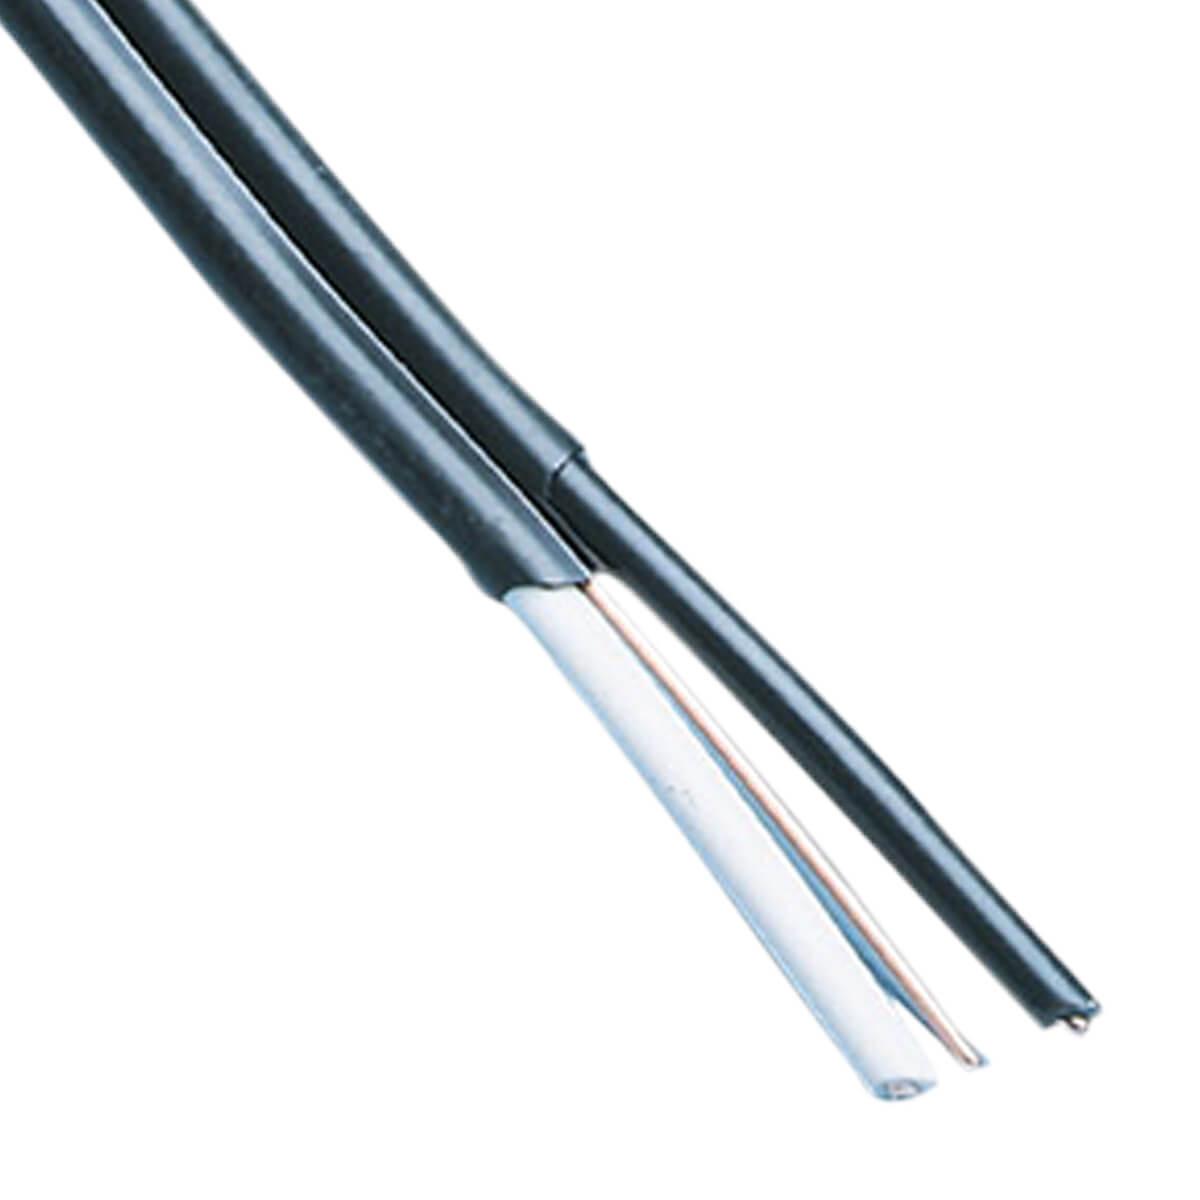 Outdoor/Underground Wire NMW U - 8/3 - Price Per Ft